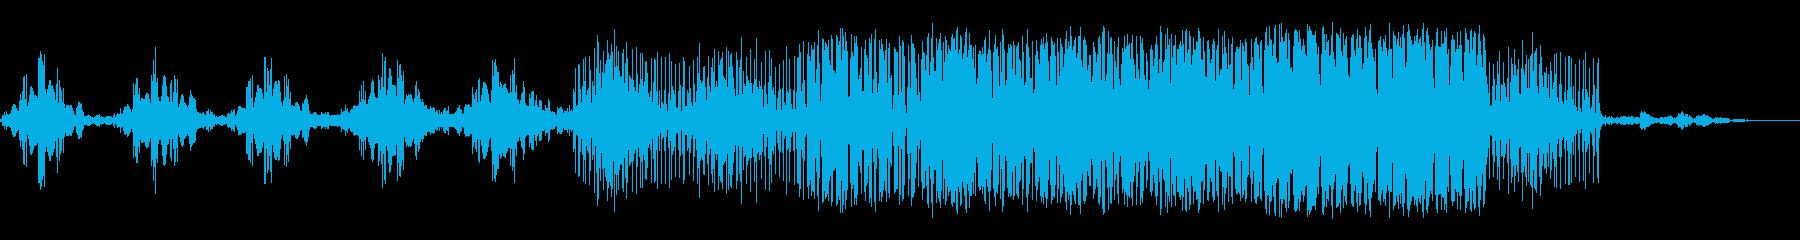 わくわく系エレクトロニカロックビートの再生済みの波形